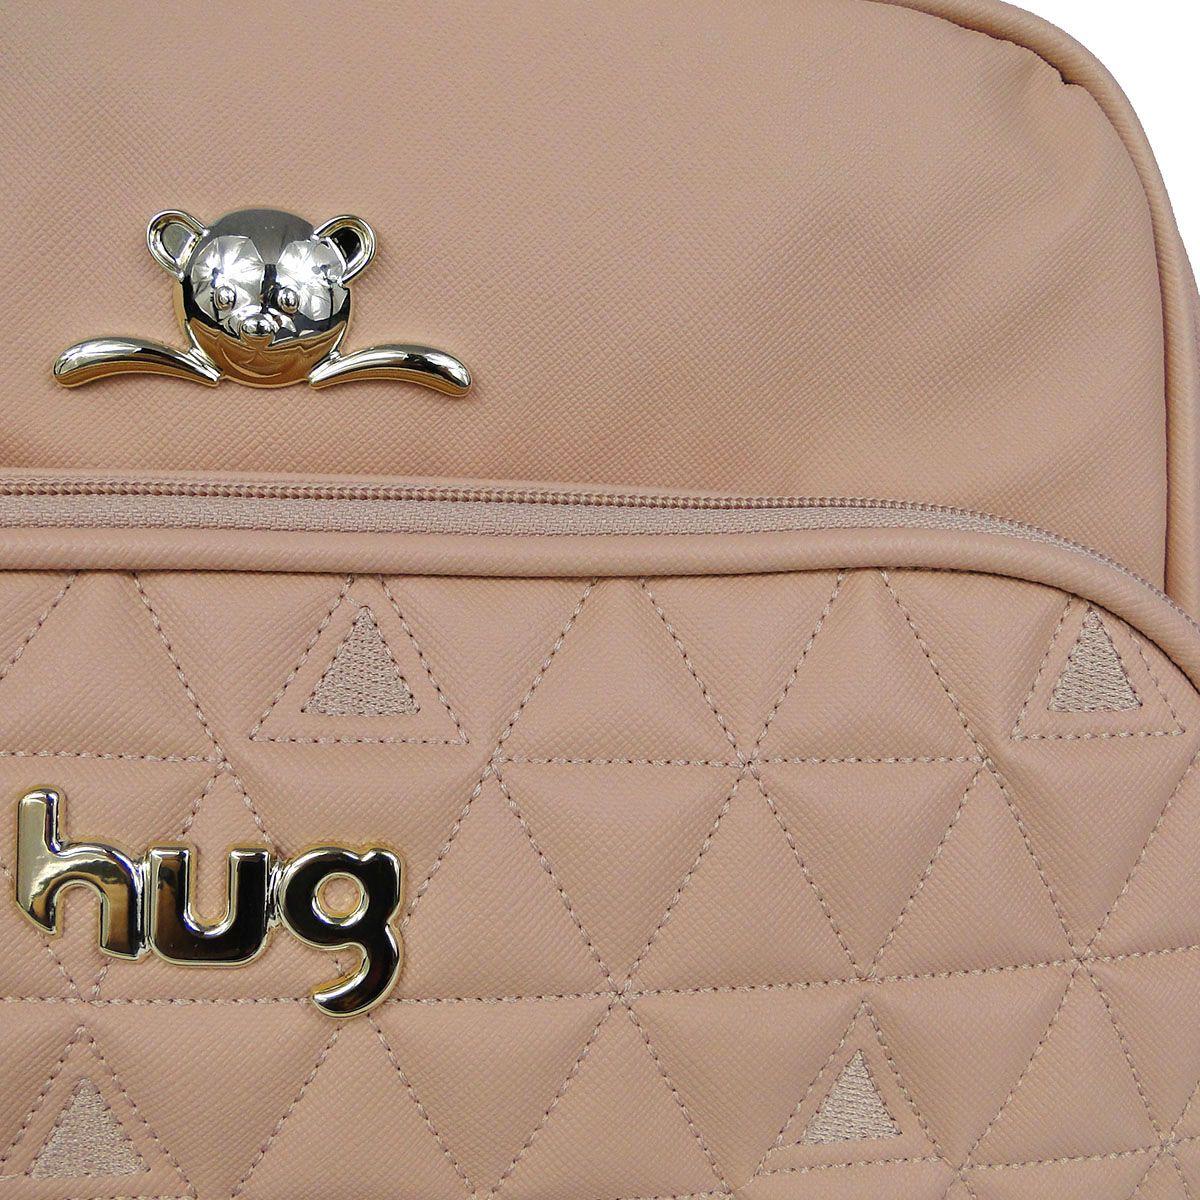 Bolsa Maternidade Hug Docinho M Bege